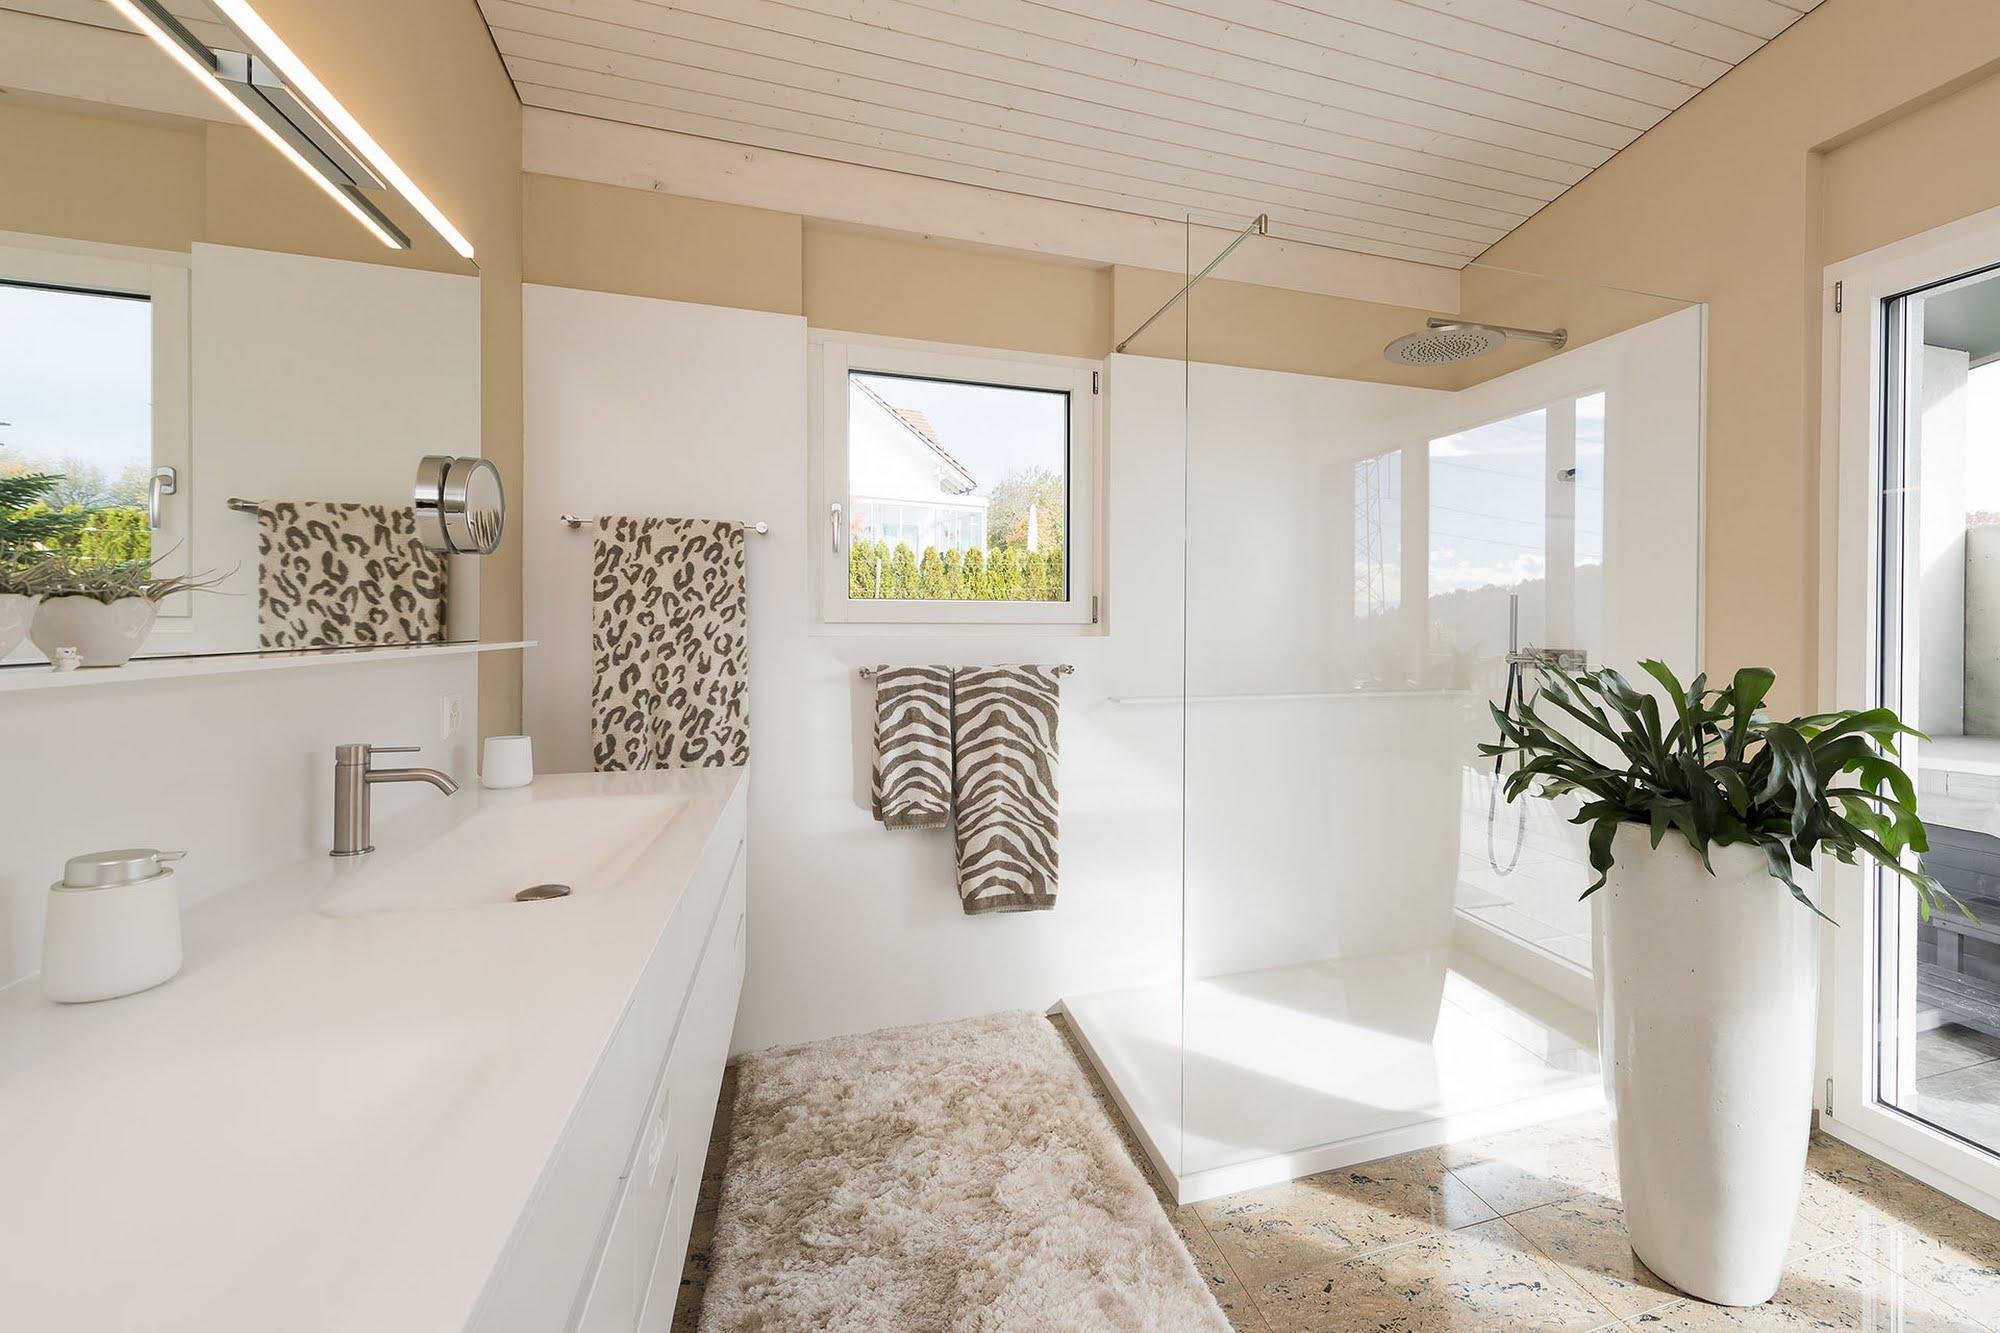 Umbau Masterbad - Bäder & Badumbau-Küchen werden immer mehr zum Ort der Begegnung - Sursee, Willisau, Aargau, Zentralschweiz, Luzern, Zofingen